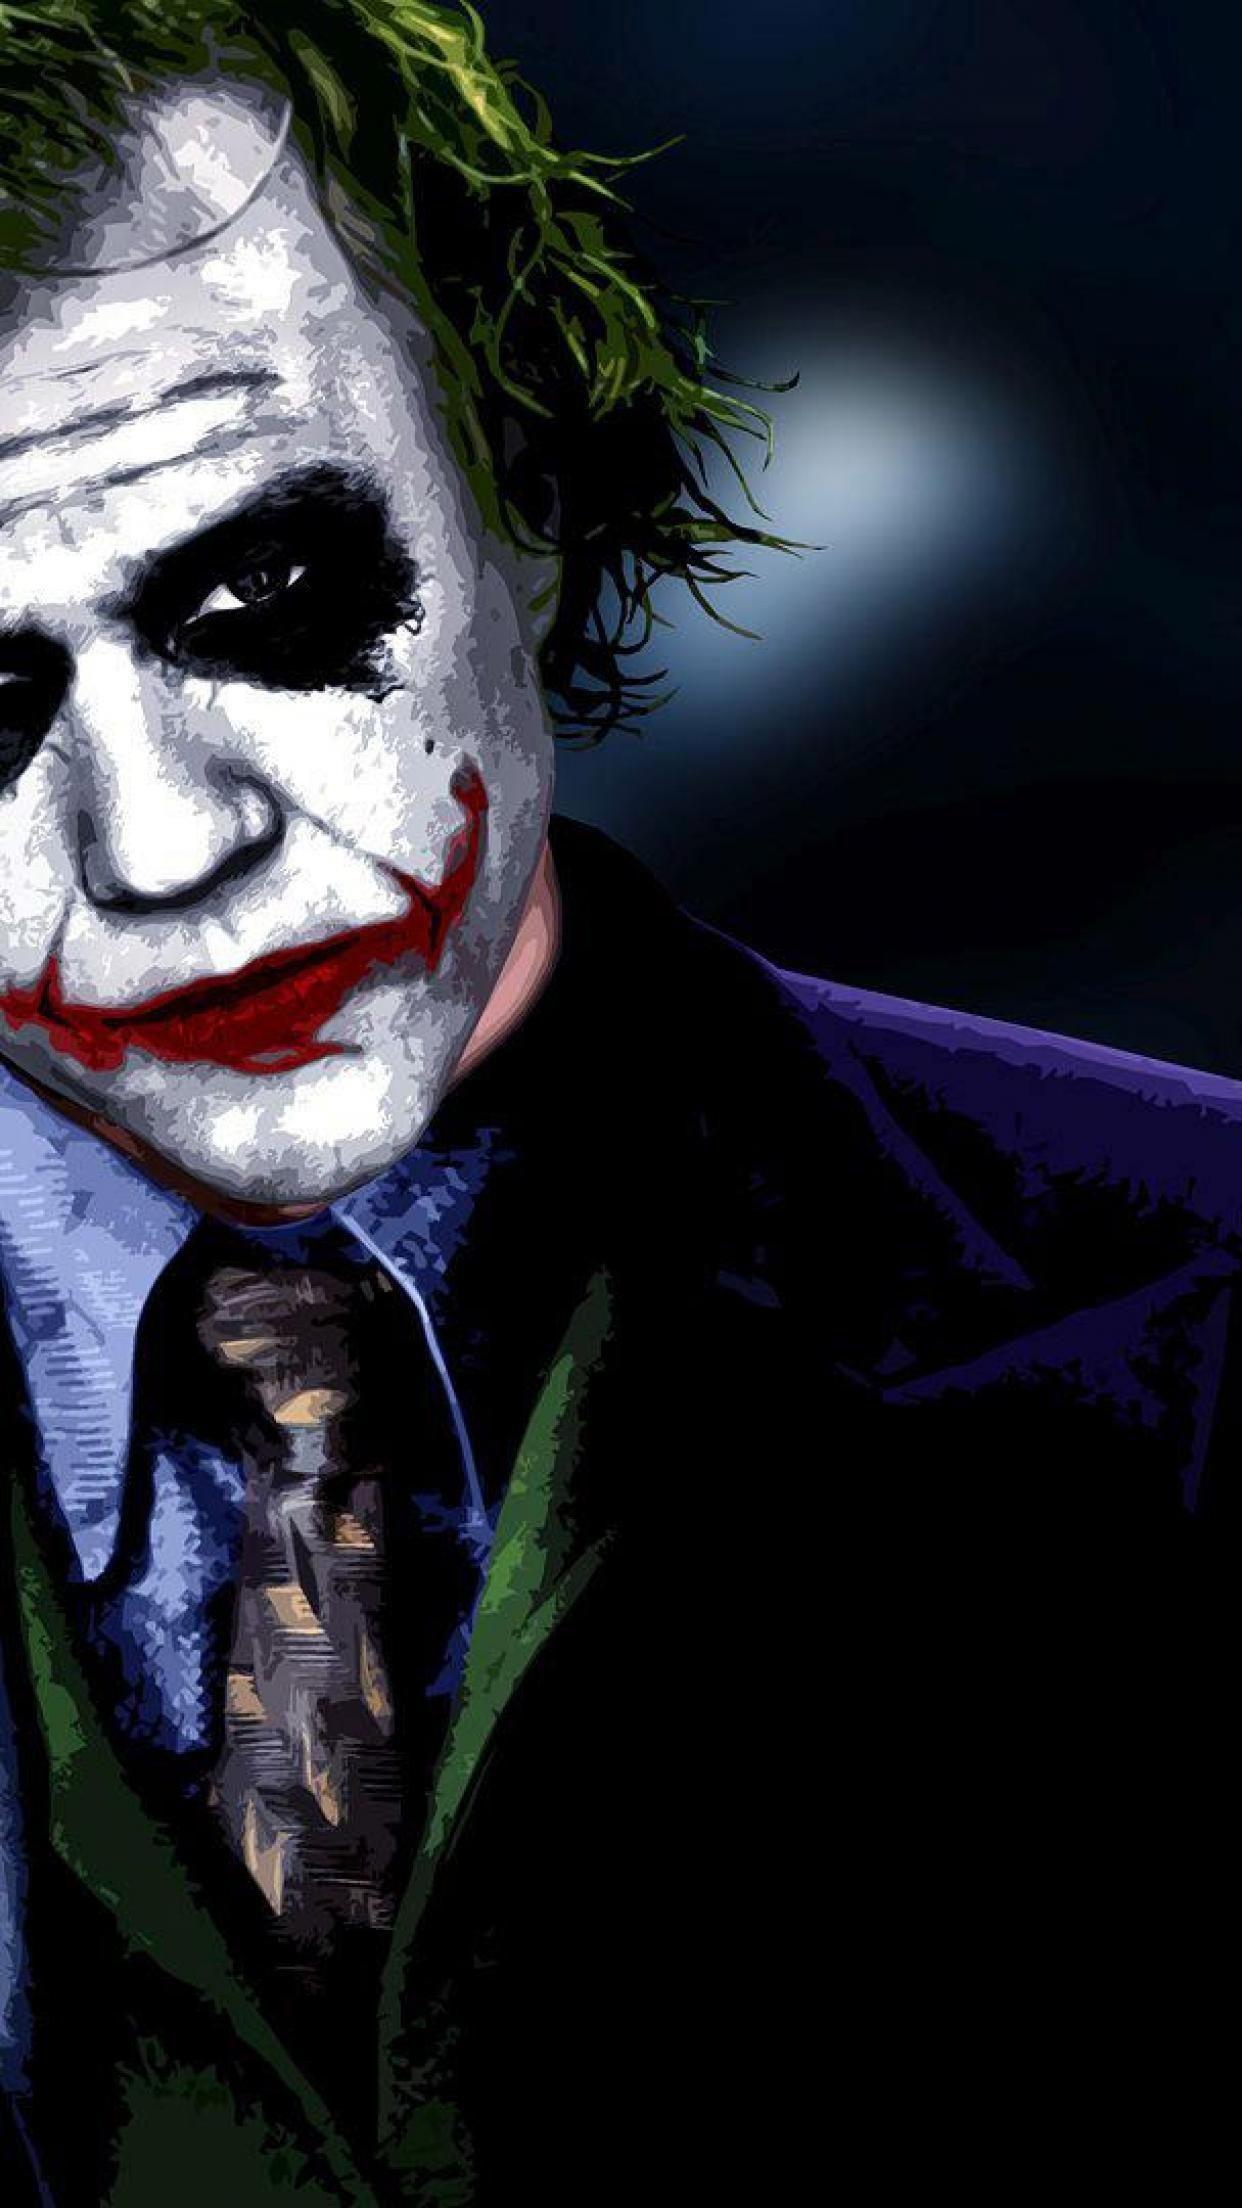 The Joker Wallpaper 74+ images